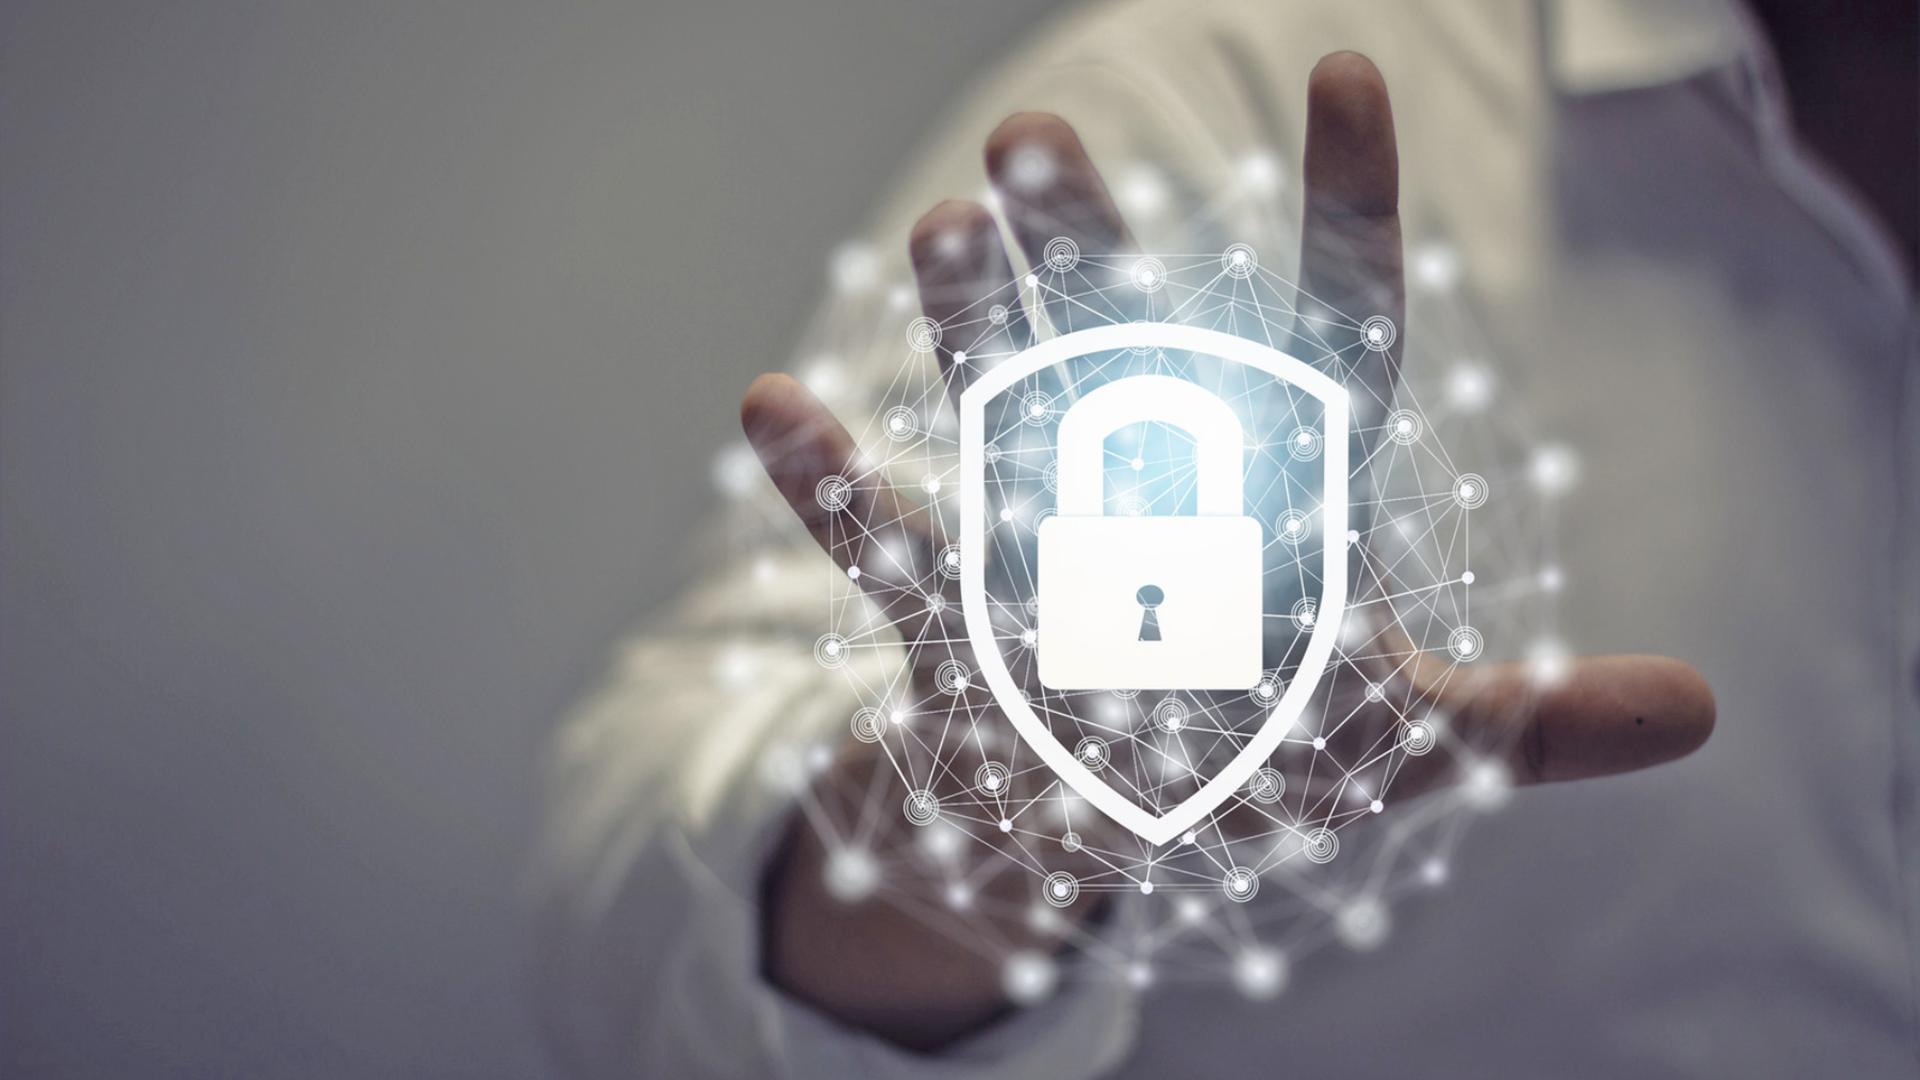 Gestione della security aziendale: il CEO di Gendata ci illustra la struttura di un'azienda e le soluzioni utili per la sua salvaguardia.